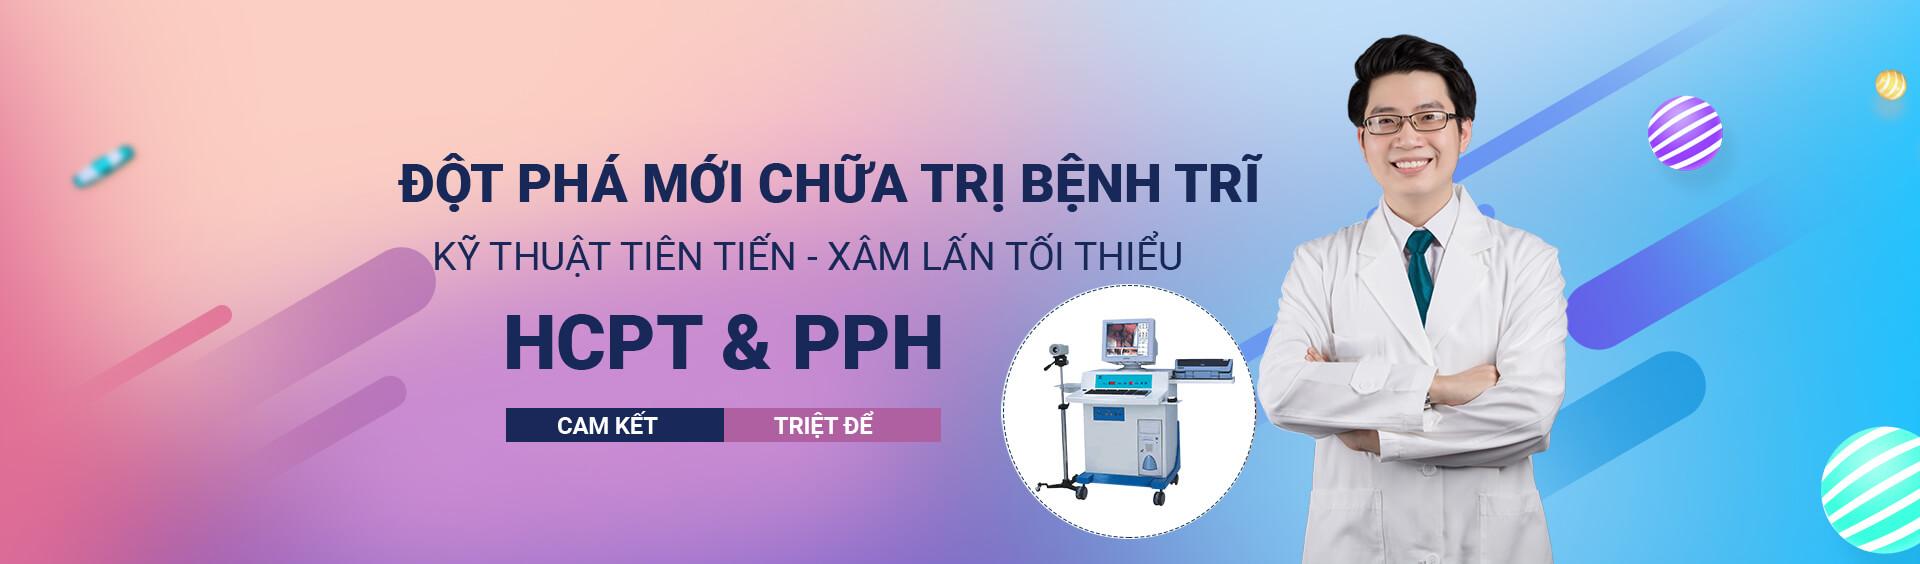 Địa chỉ chữa bệnh trĩ ở Bắc Ninh tốt nhất hiện nay khi sử dụng công nghệ hiện đại